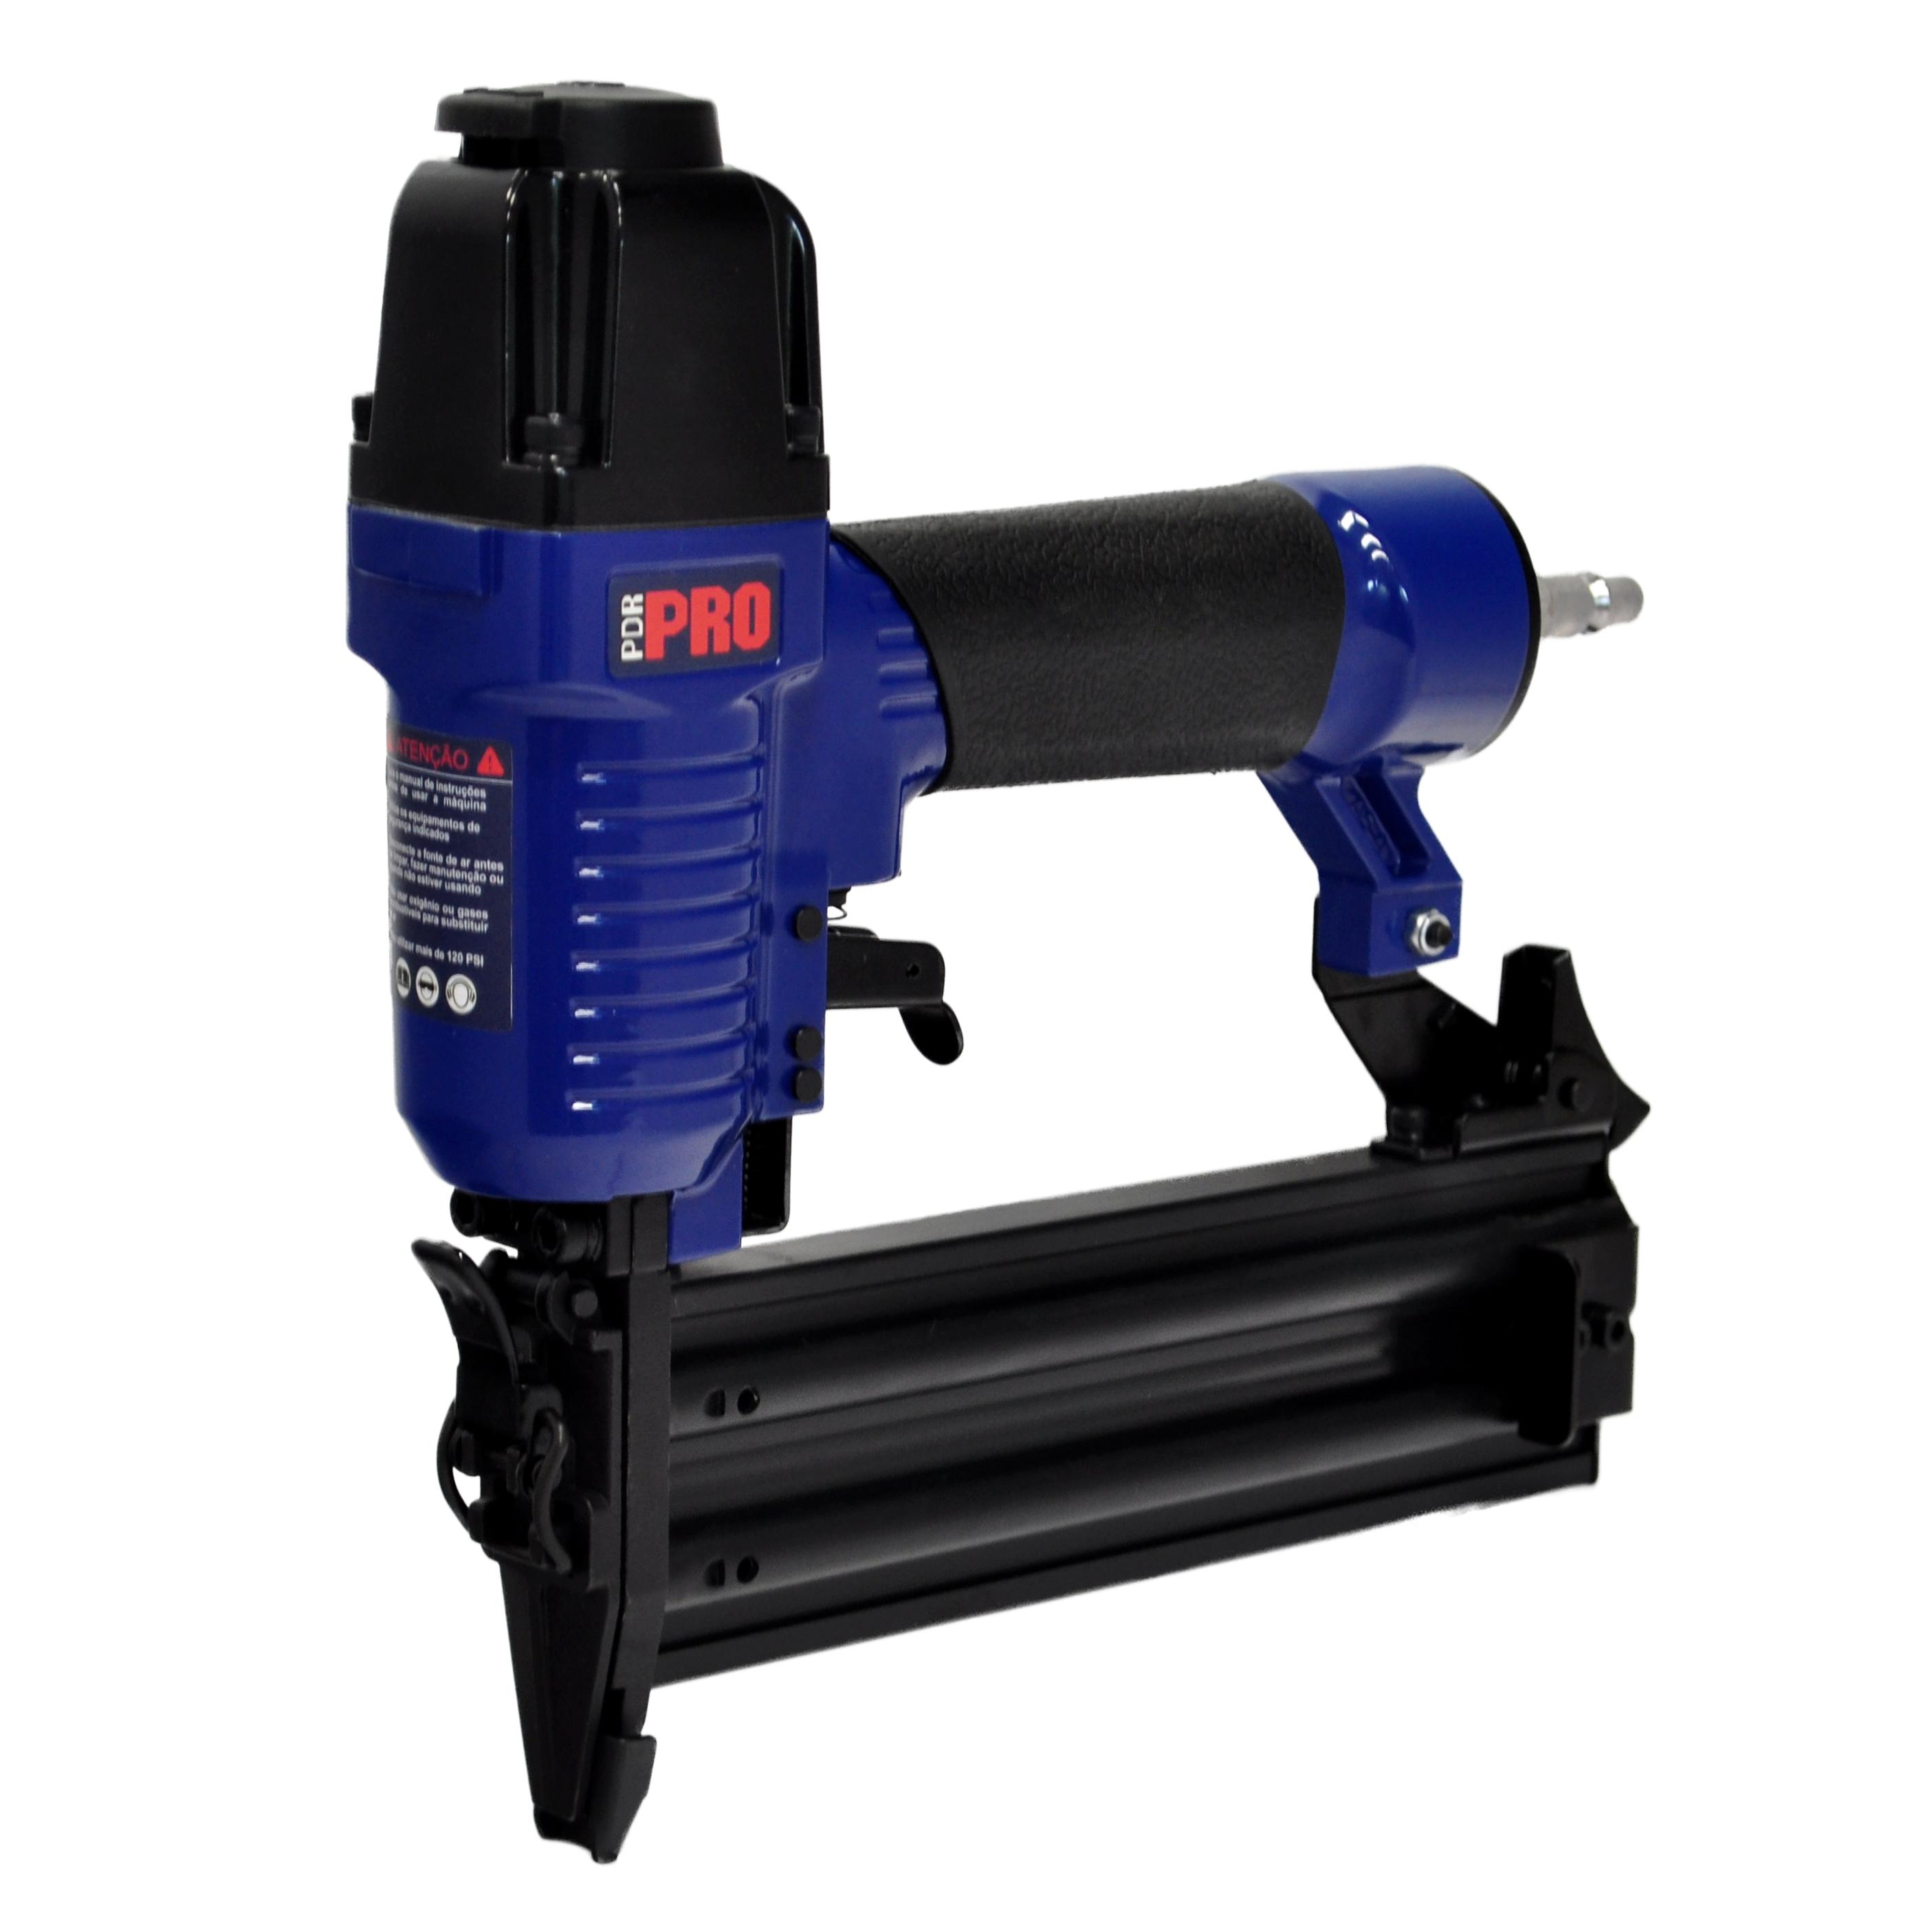 Pinador Pneumático - PRO-650